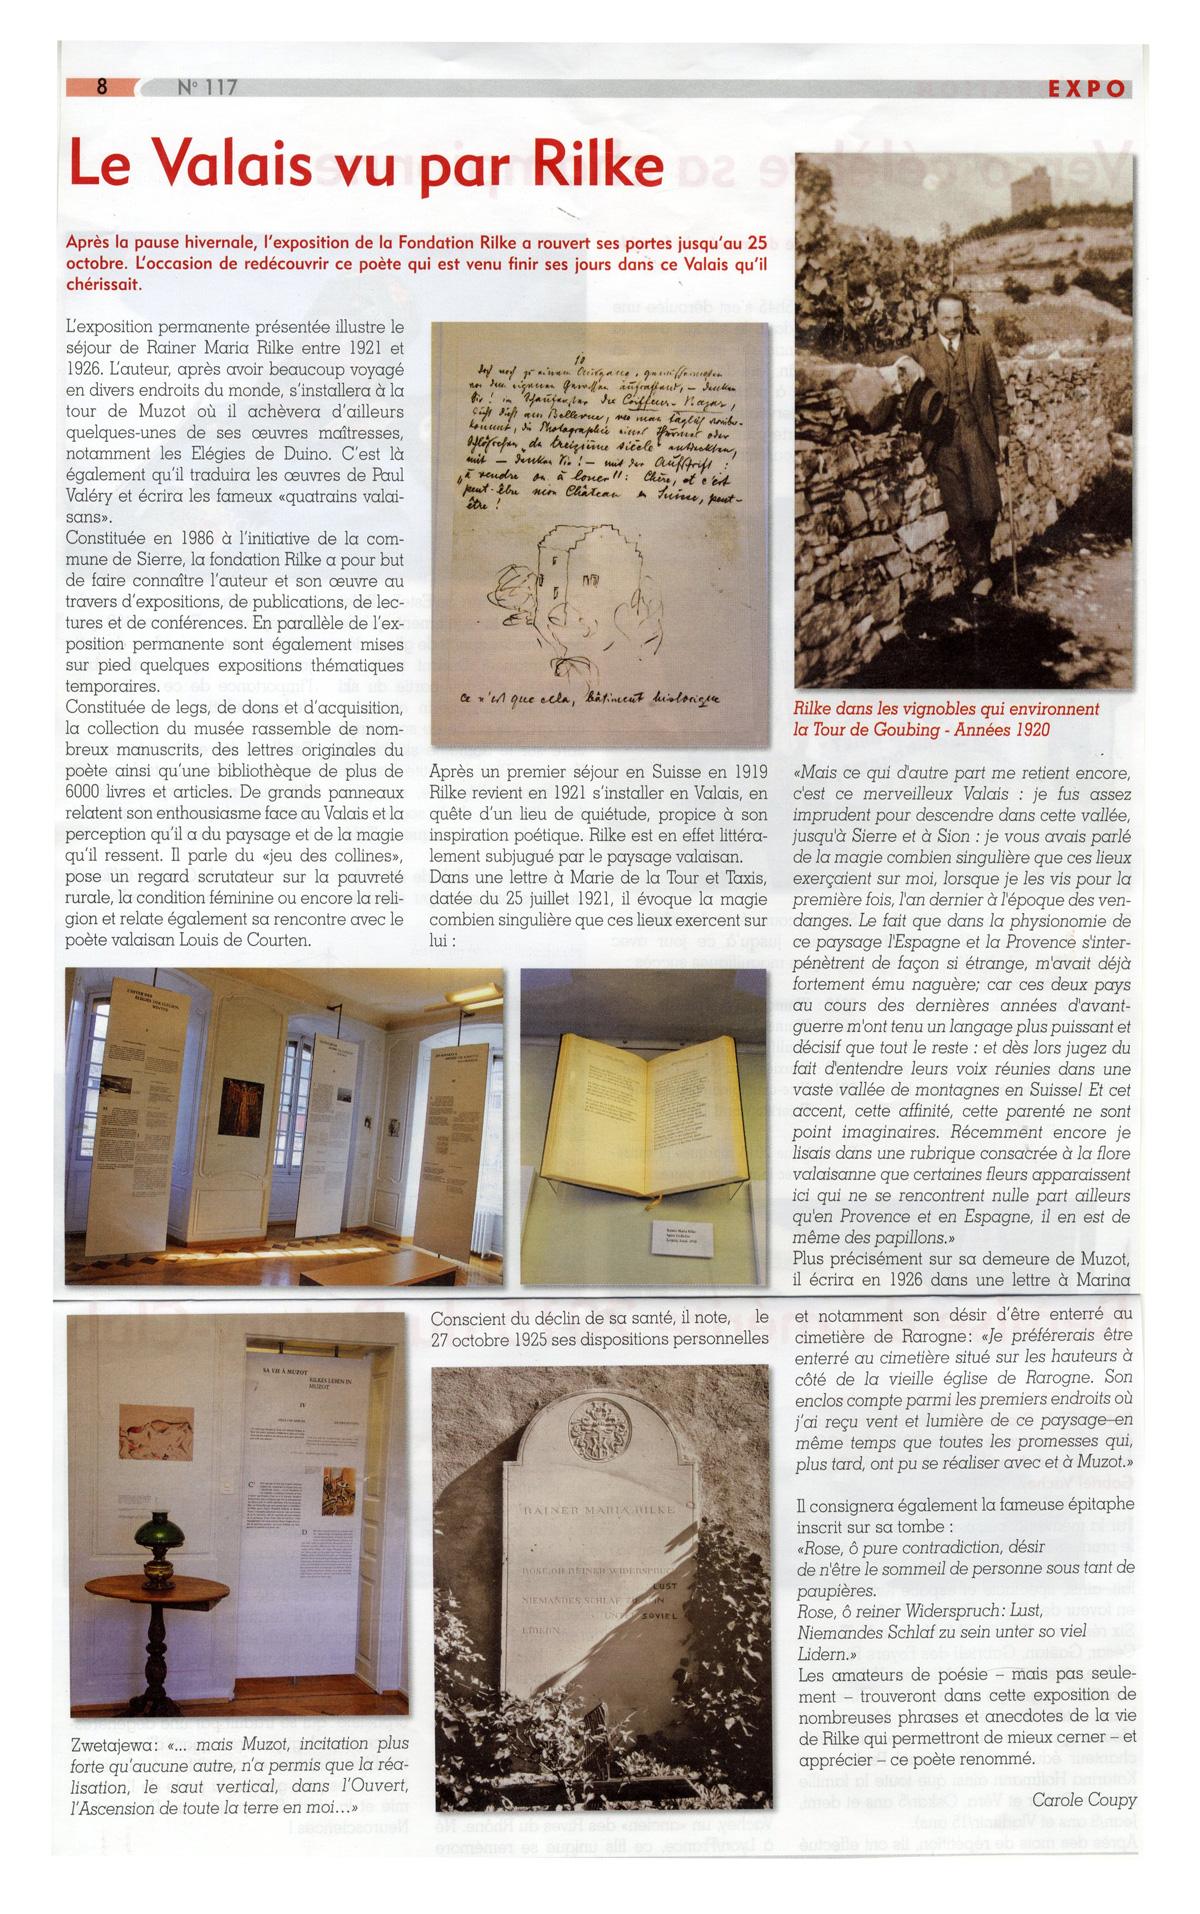 Article: Le Valais vu par Rilke